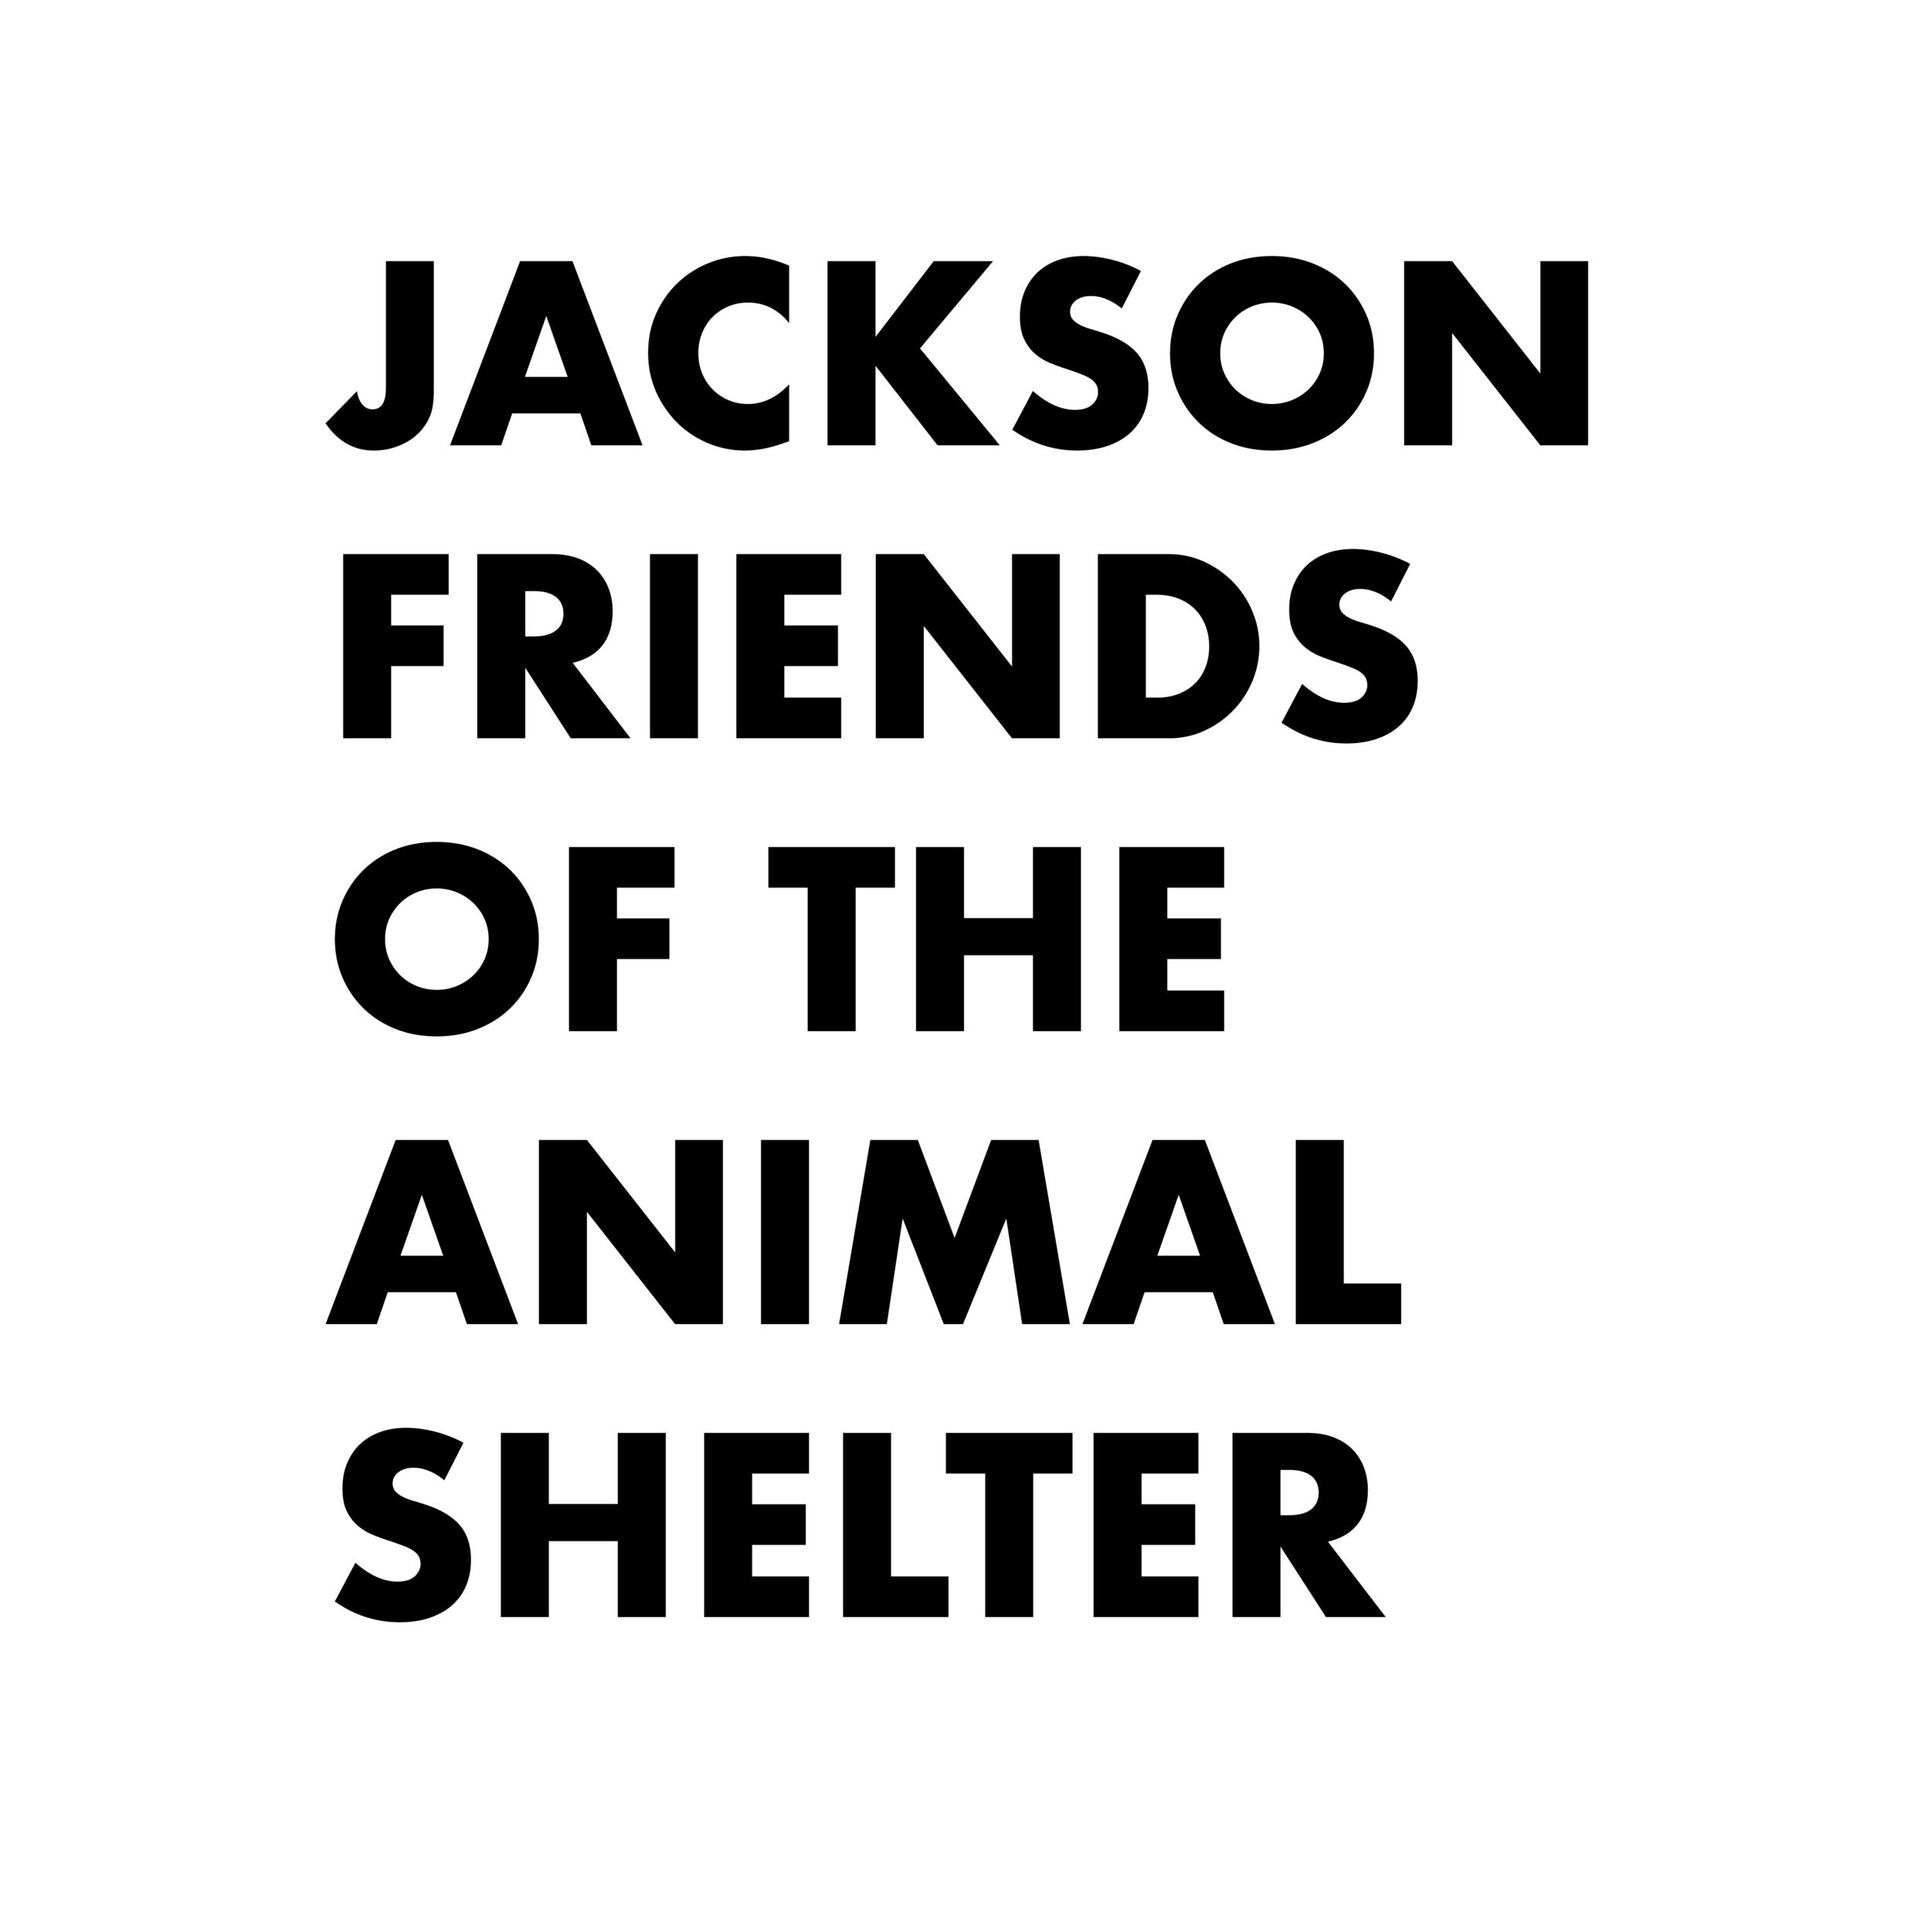 Jackson friends.png